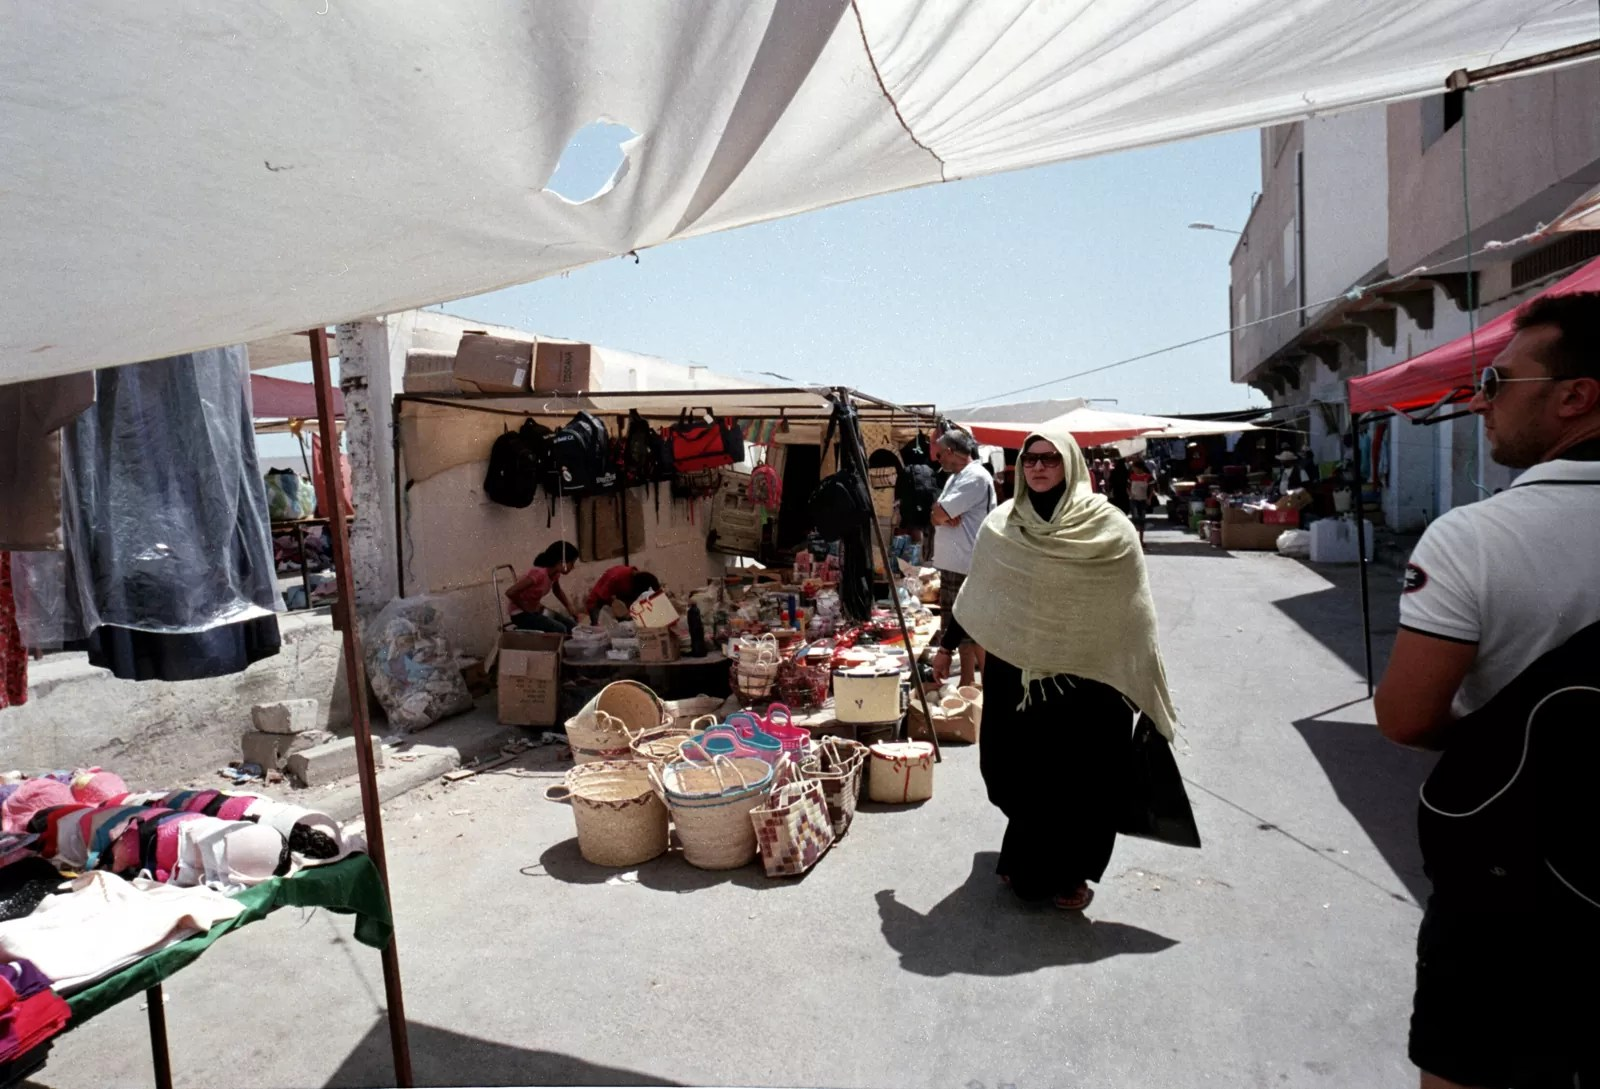 Film Street Photography - Leica M6 - Voigtlander 21mm F4 - Fuji Superia 200 - Tunisia - ©2017 Andrea Scirè